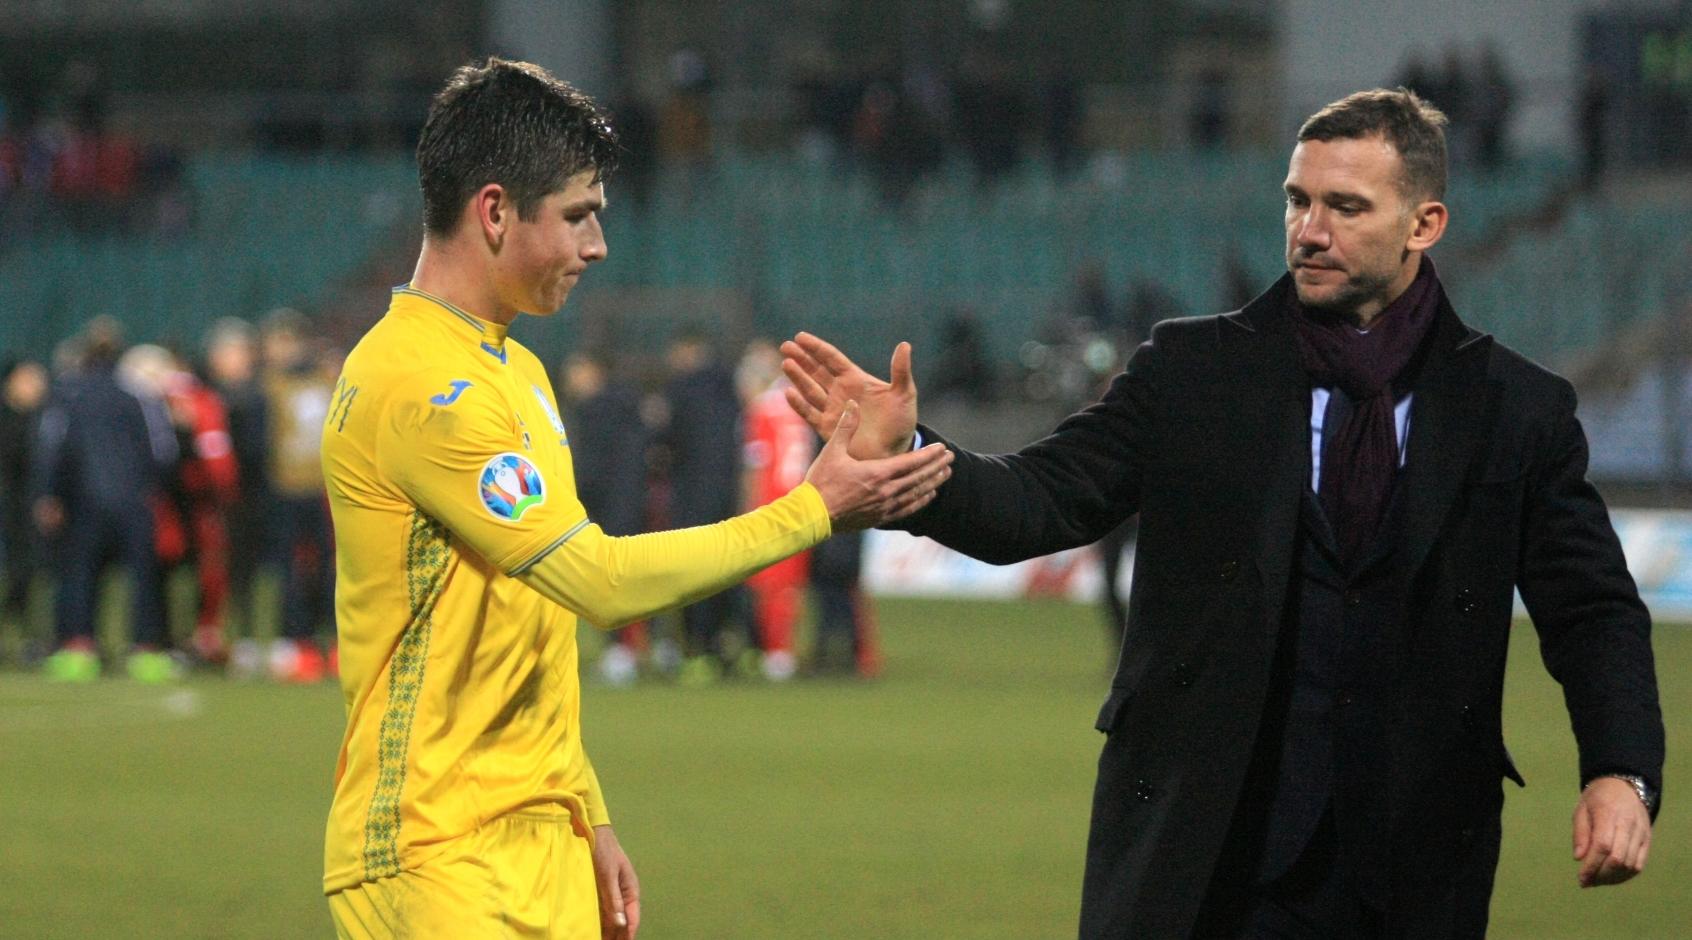 InStat признал Малиновского лучшим игроком отбора на Евро-2020, сыгравших более половины матчей